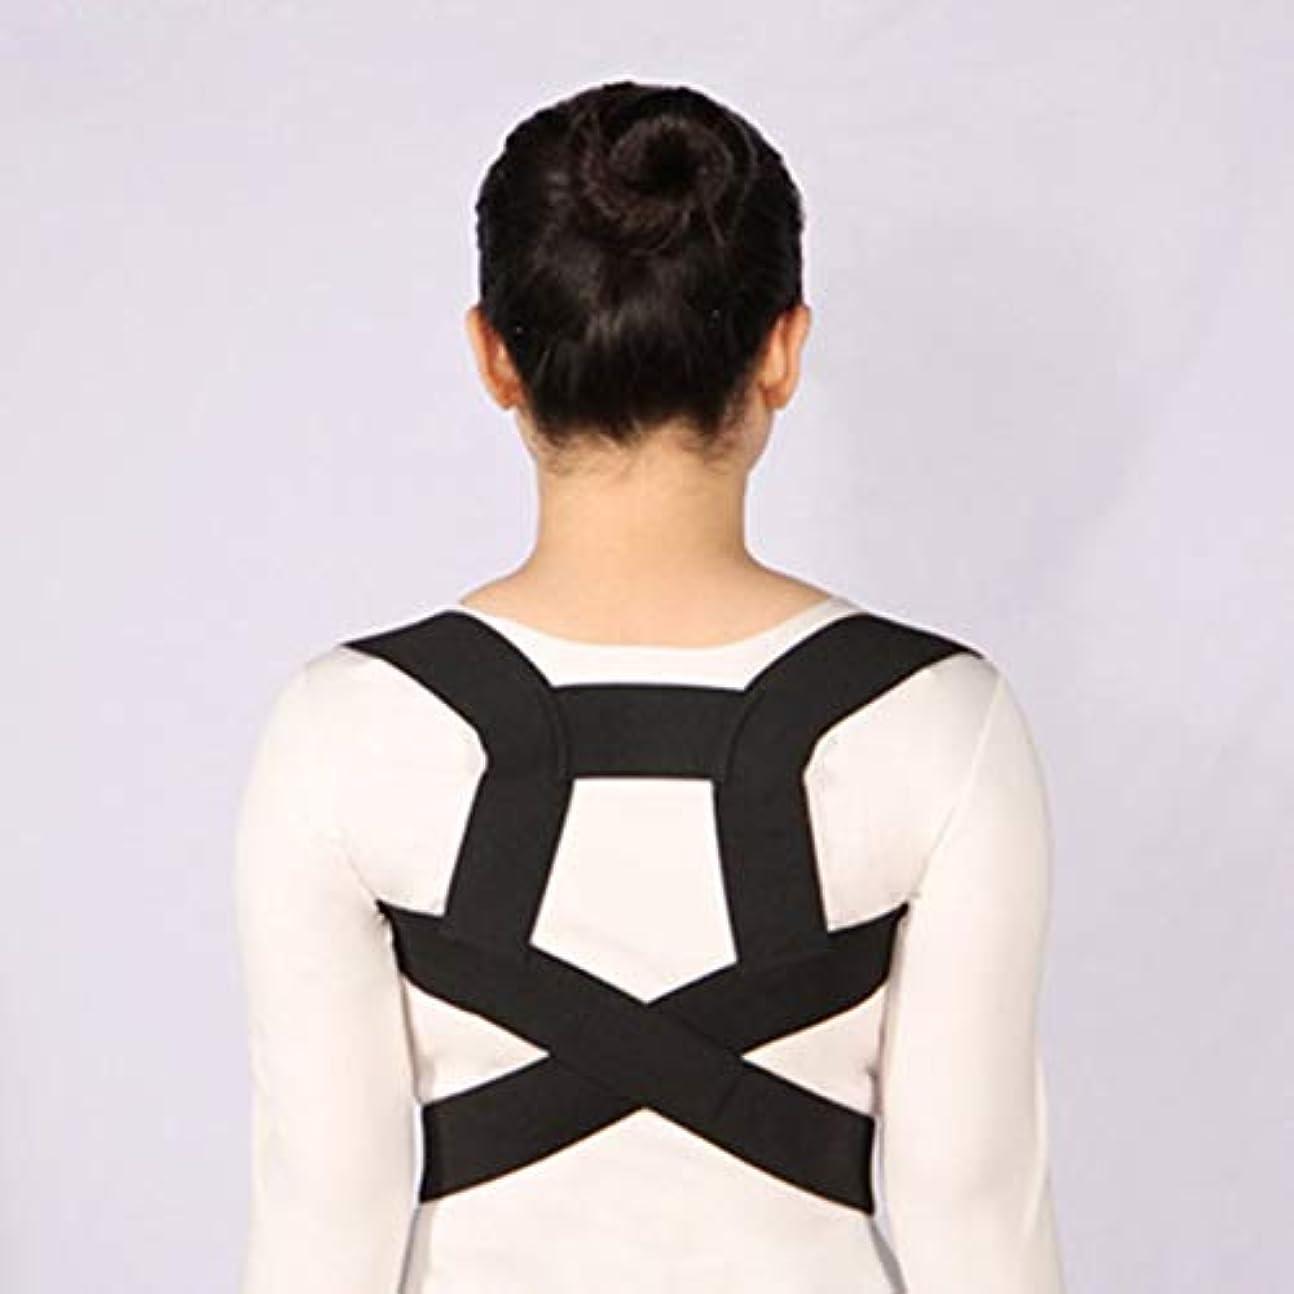 以内にカリキュラム移行姿勢矯正側弯症ザトウクジラ補正ベルト調節可能な快適さ目に見えないベルト男性女性大人シンプル - 黒